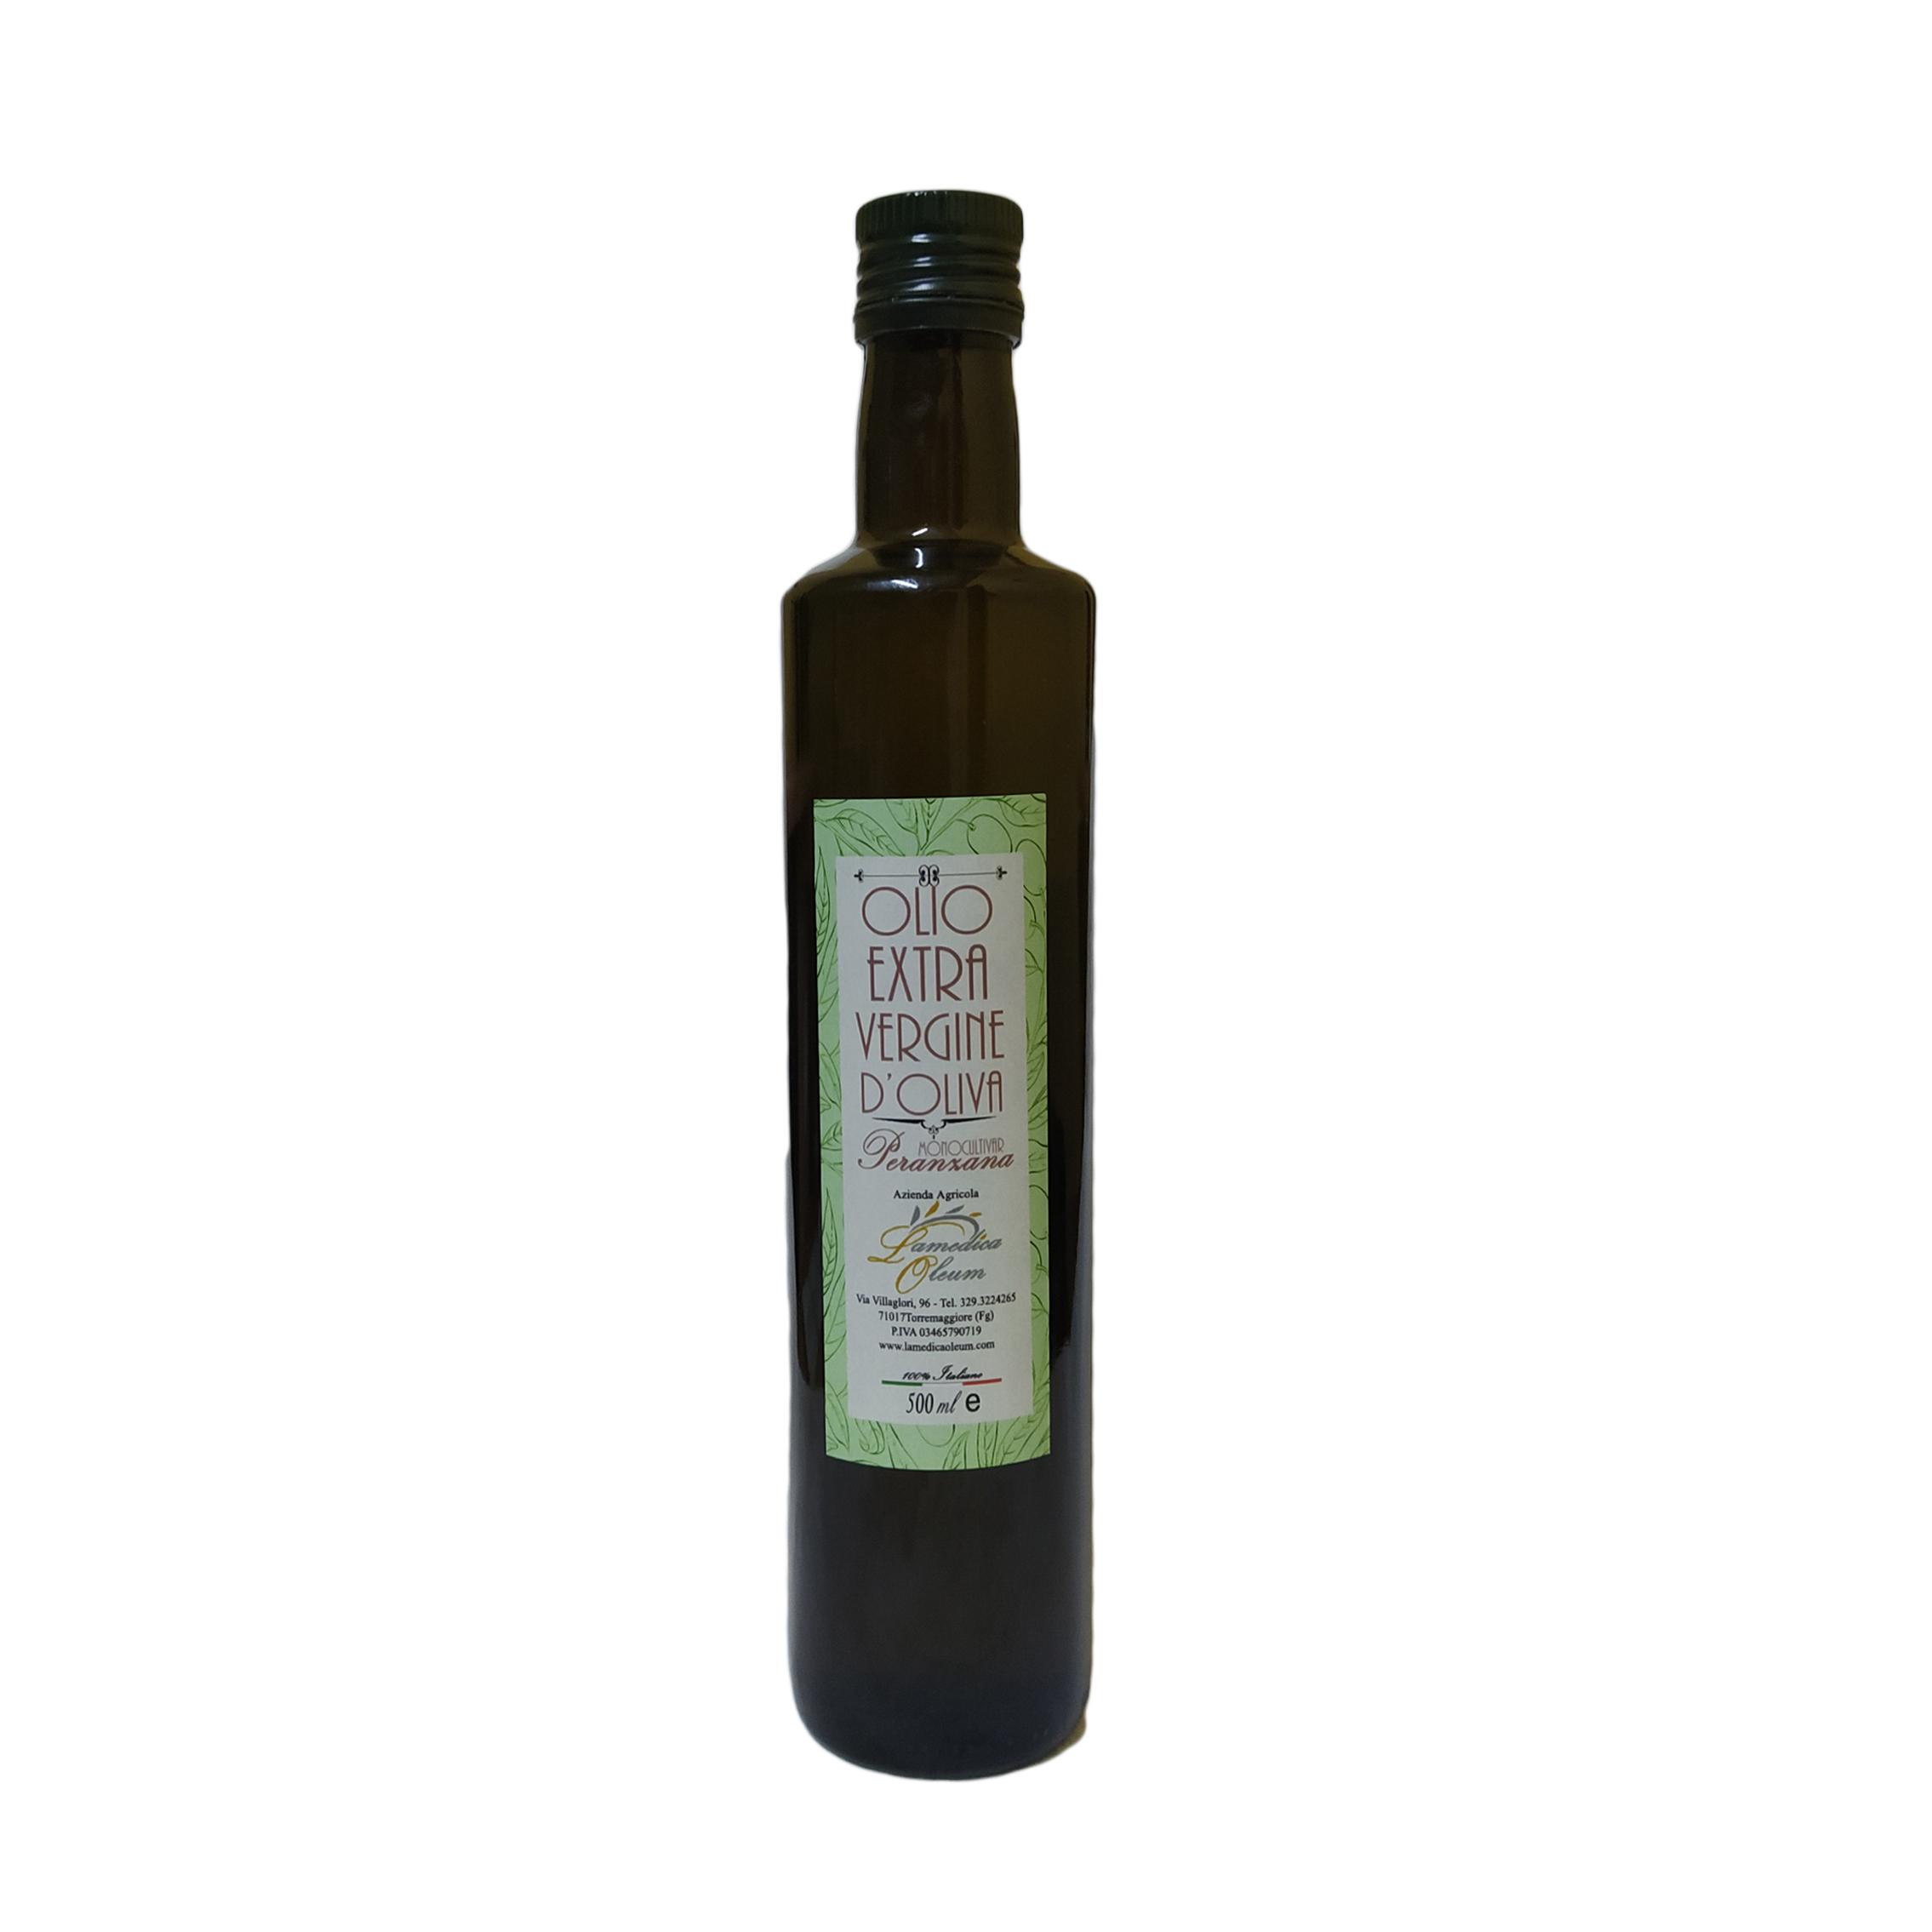 Olio Extravergine d'Oliva Monocultivar Peranzana Dorica 500ml